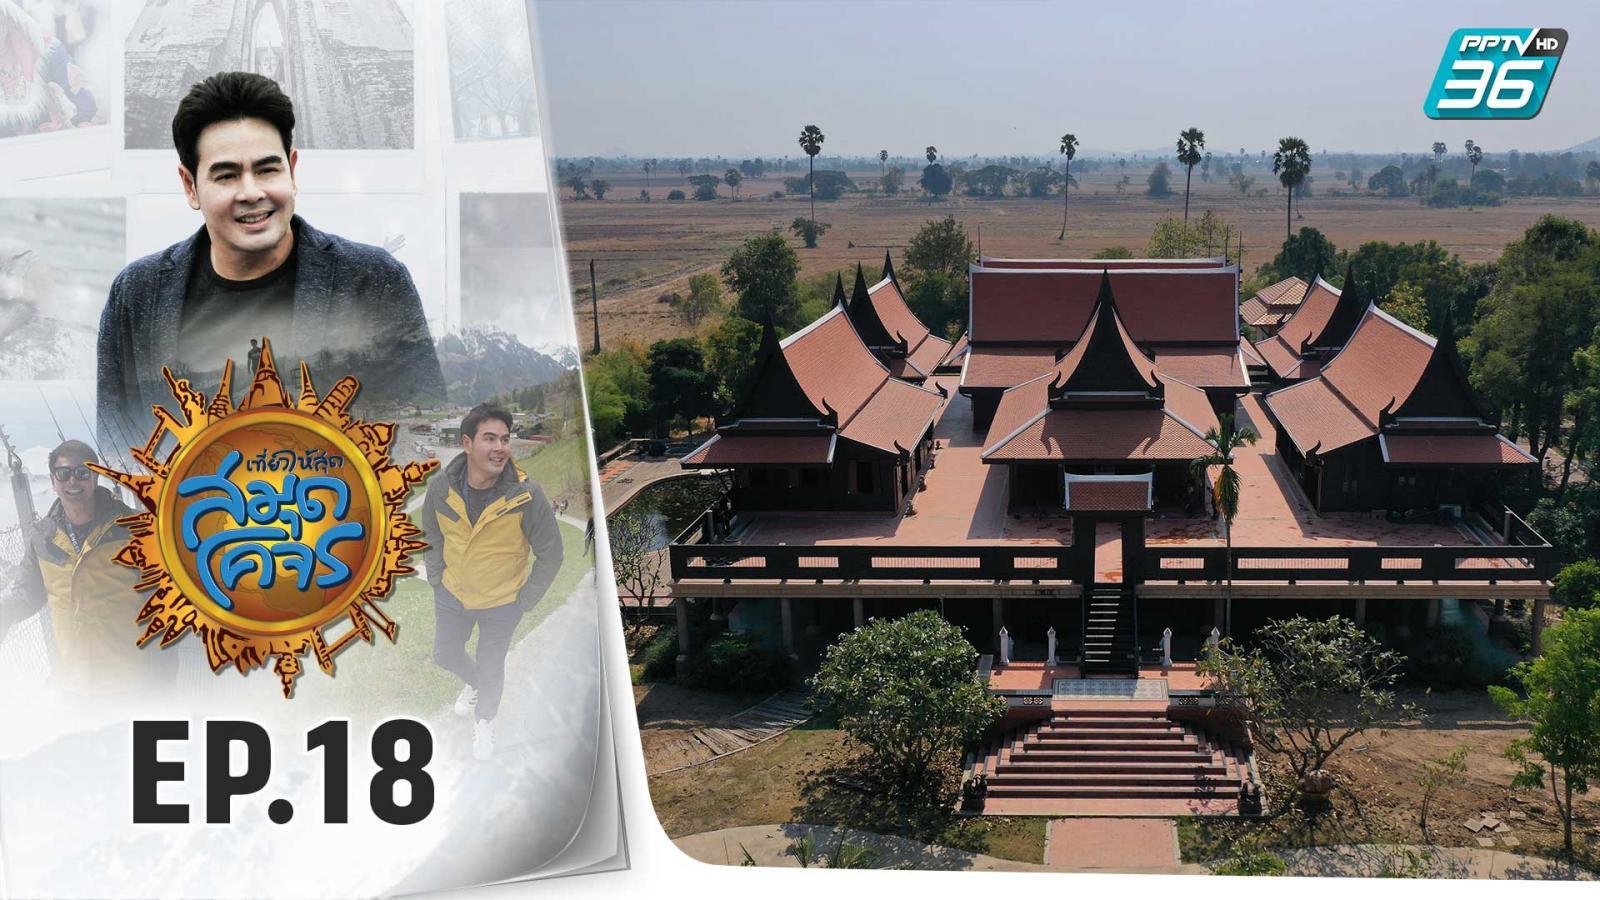 เที่ยวให้สุด สมุดโคจร | ชัยนาททาวน์เมืองน่าเที่ยว 4 EP.18 | 5 ก.พ. 63